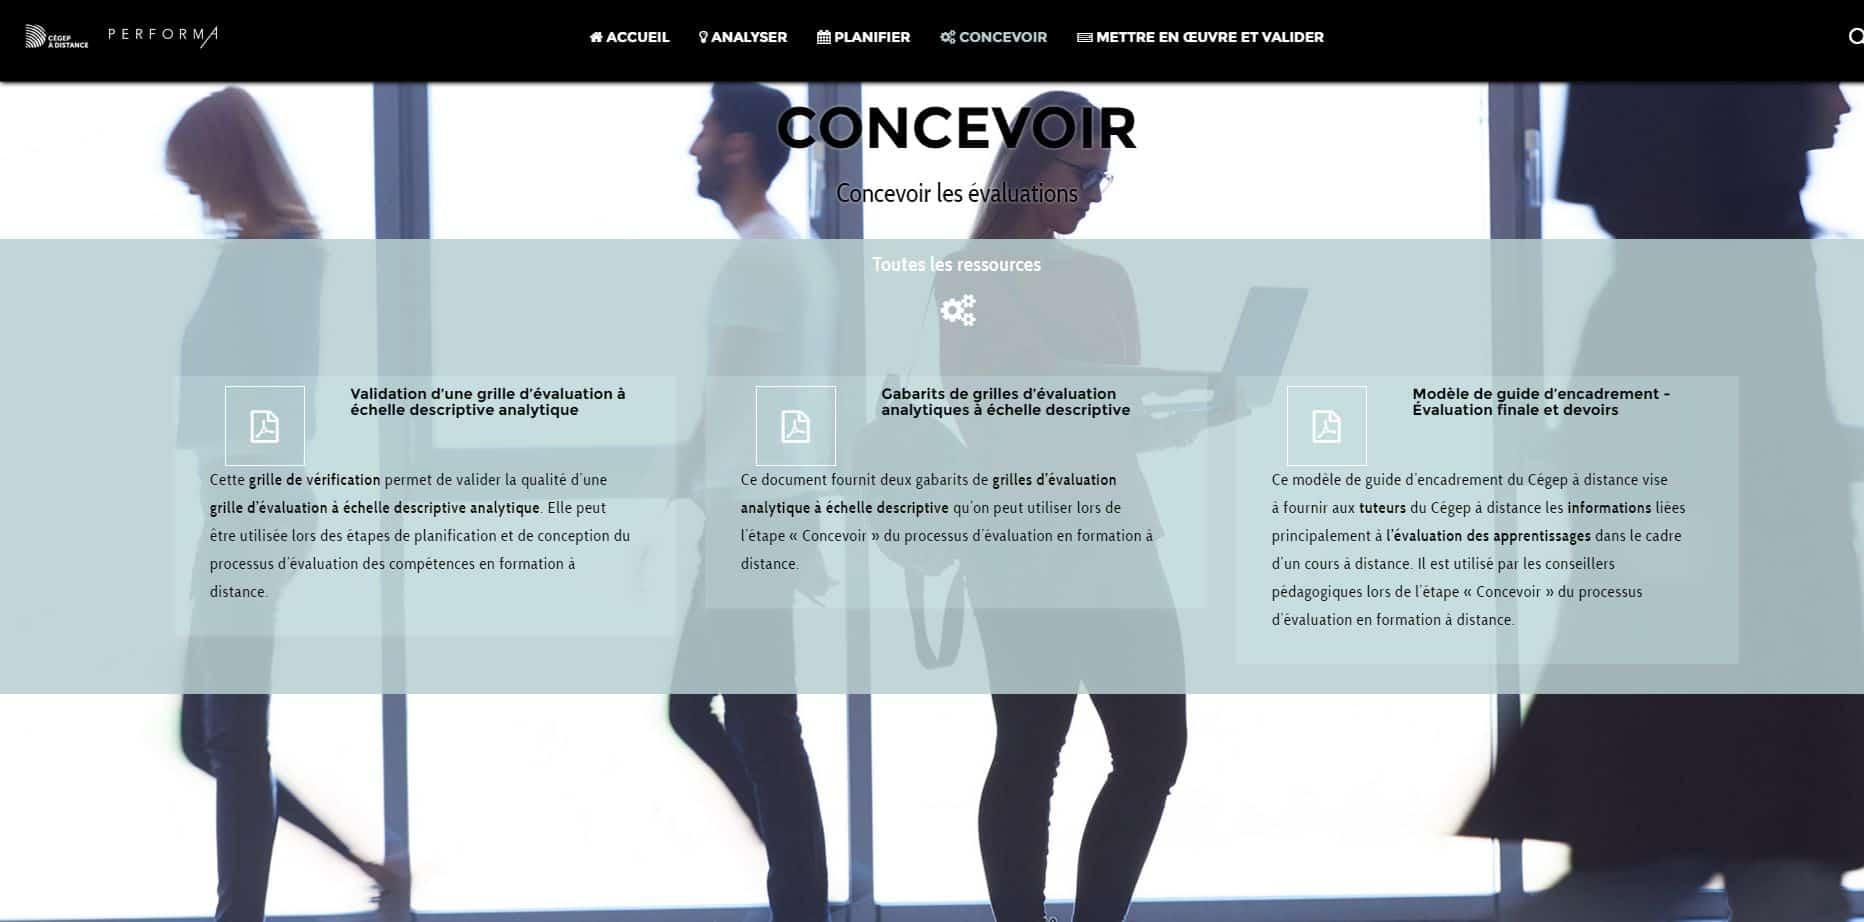 conception-web-pour-programme-pcuc-7.jpg